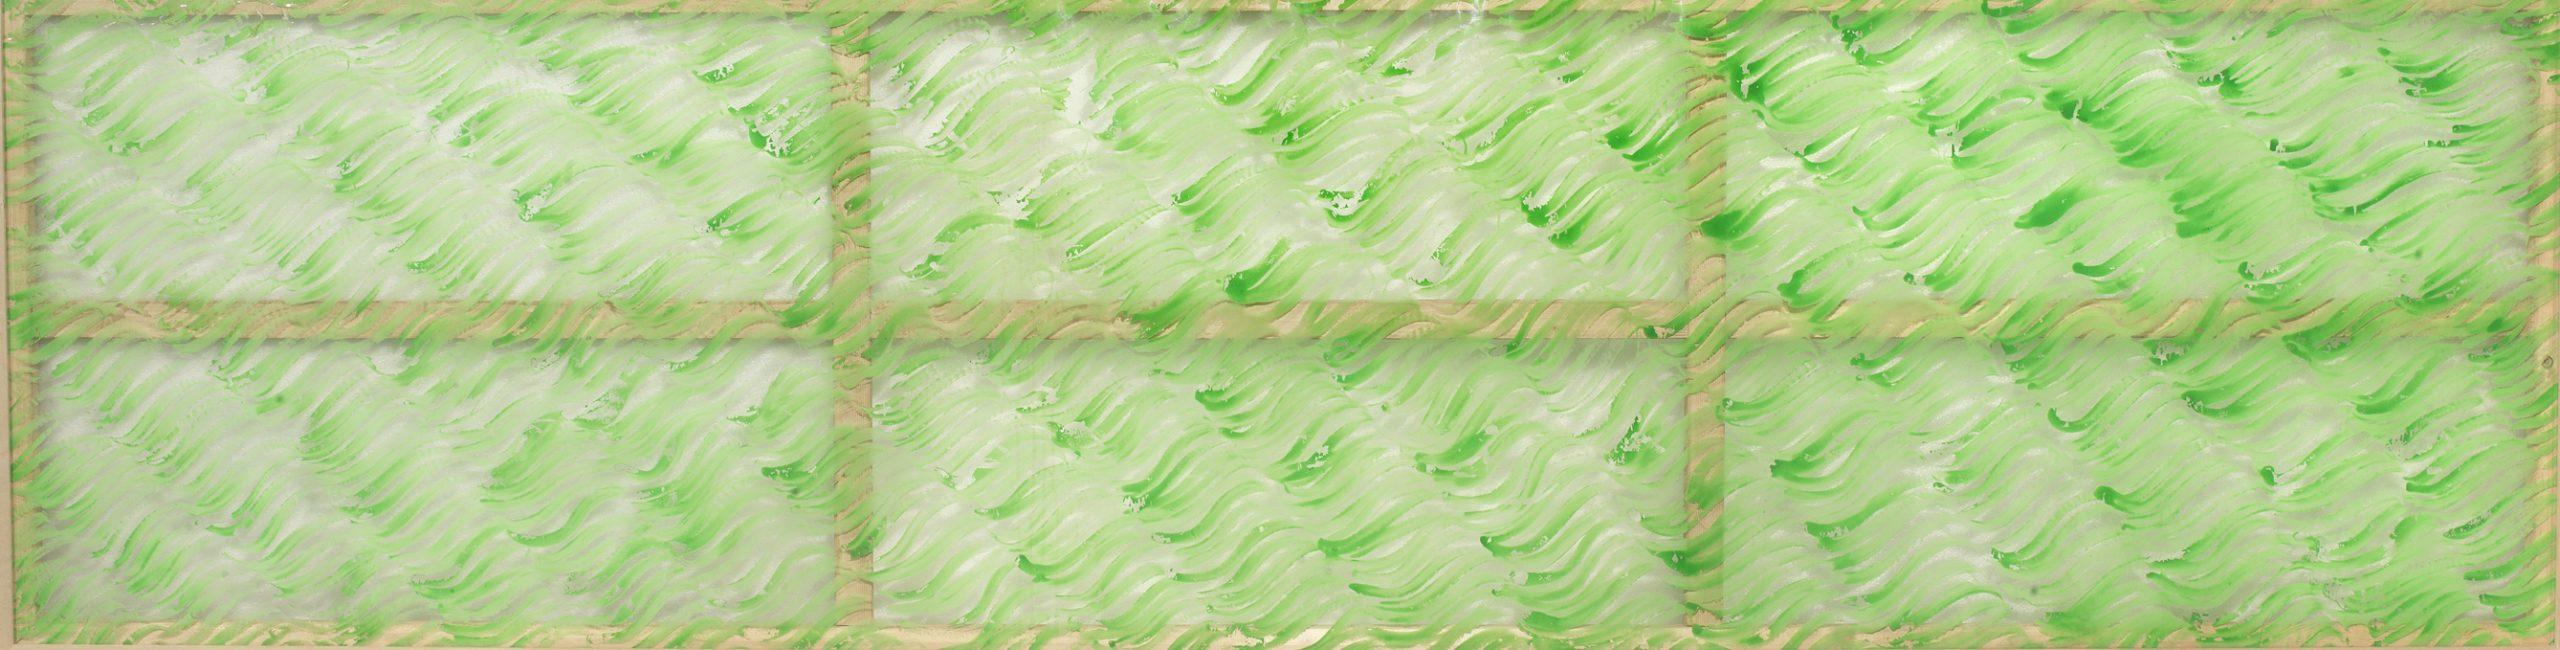 Accardi, Senza titolo, 1967, 100x380 cm